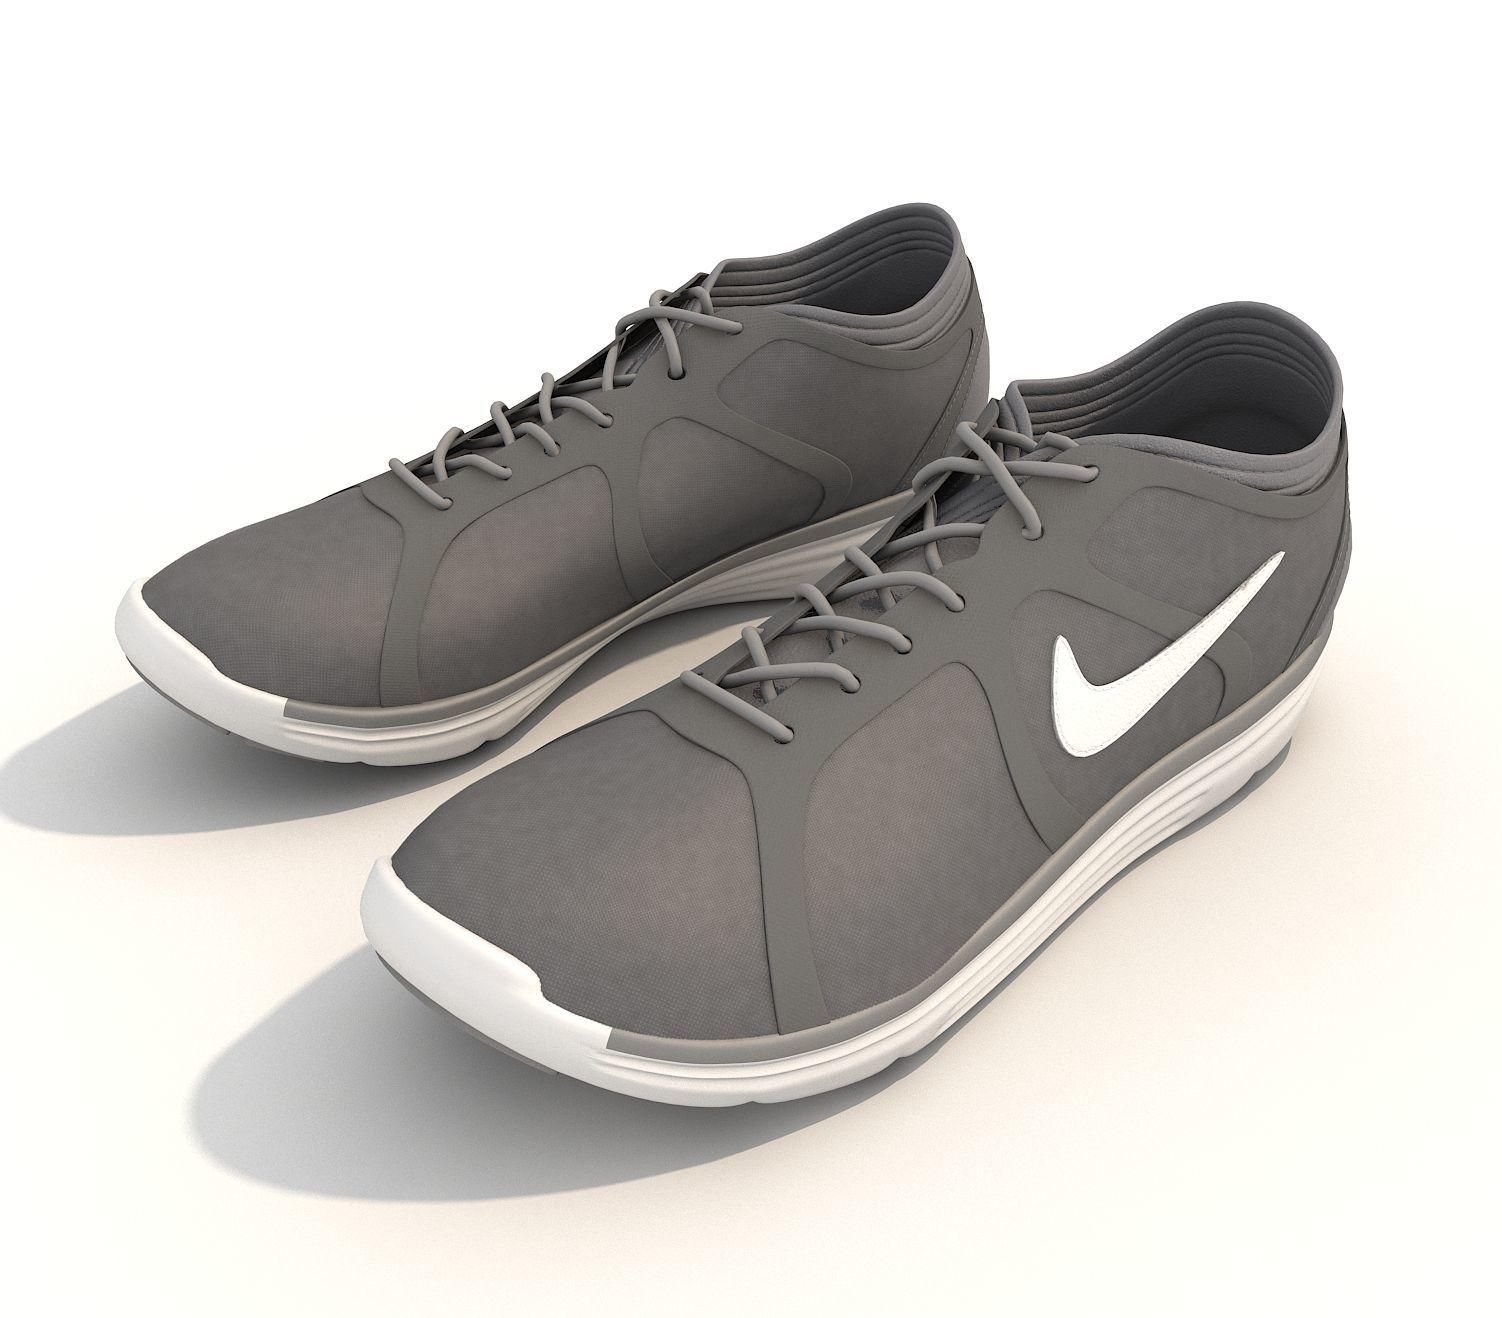 ... sport shoes 2 3d model max obj fbx mtl 4 ... 684f54383